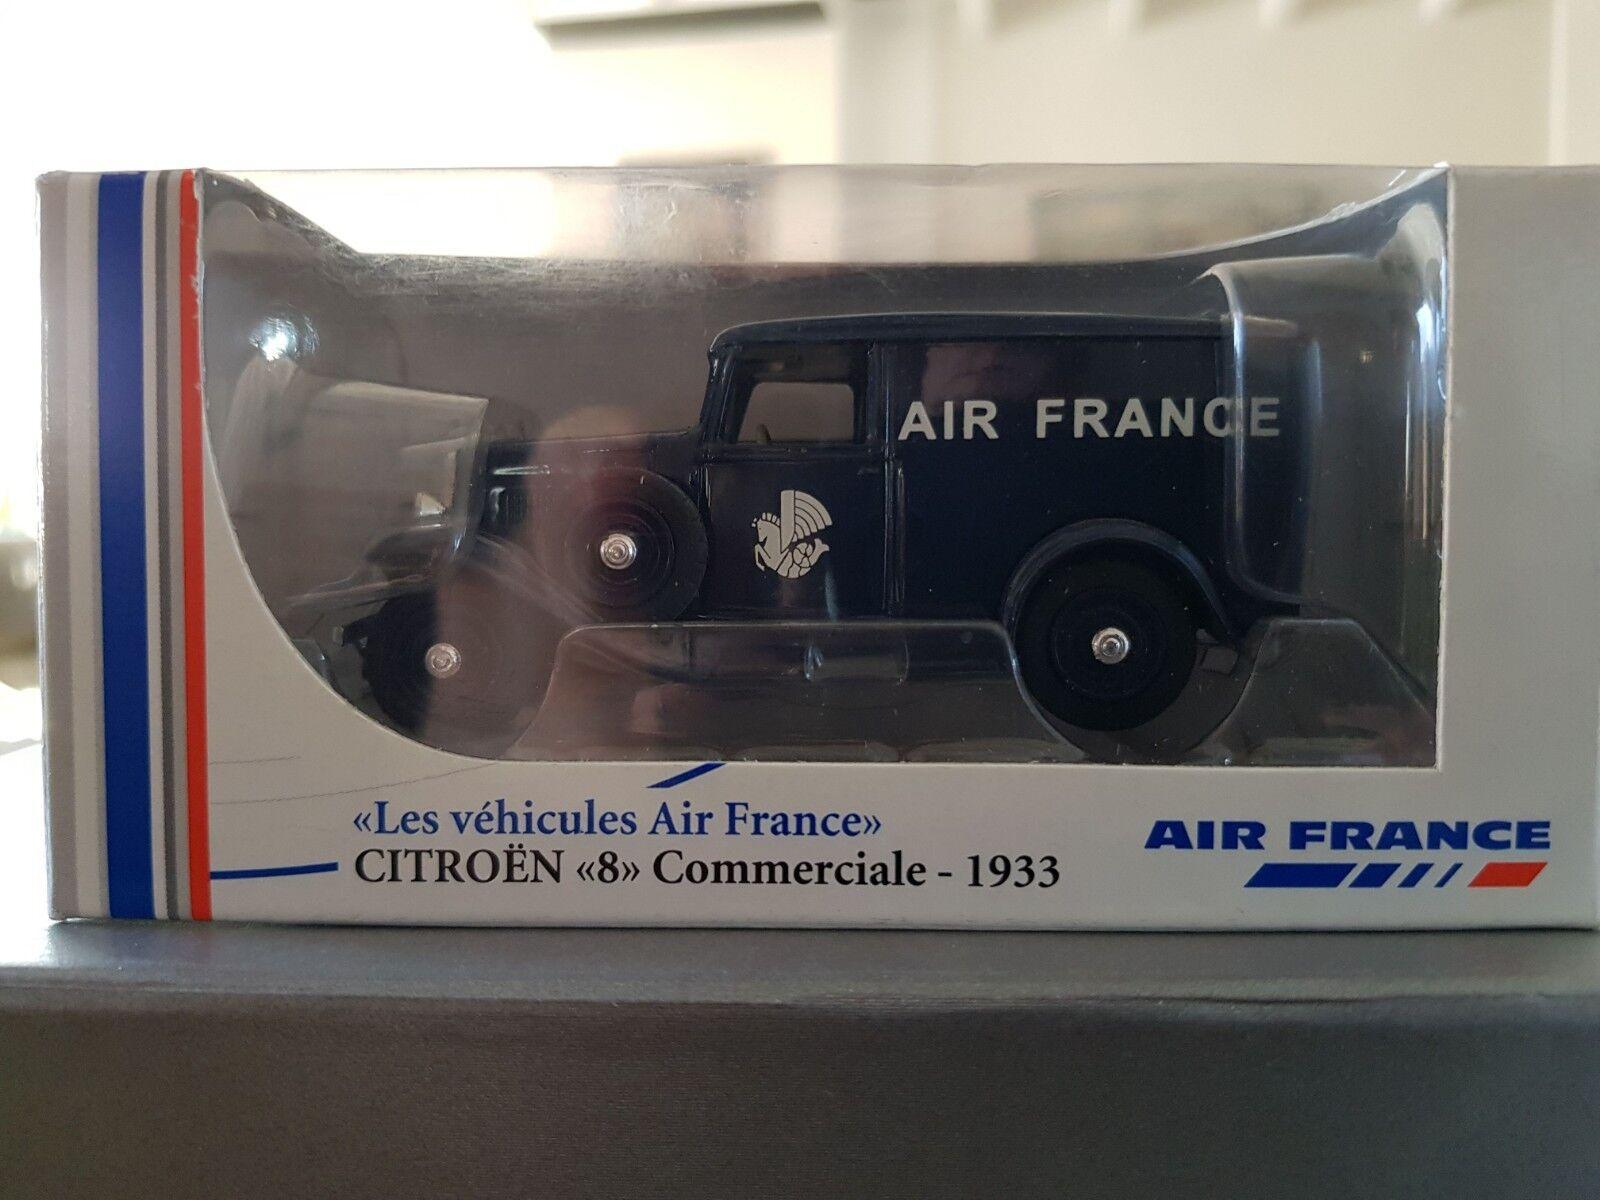 VOITURE  ELIGOR  CITROËN  8 Commerciale 1933  les véhicules Air France    1 43